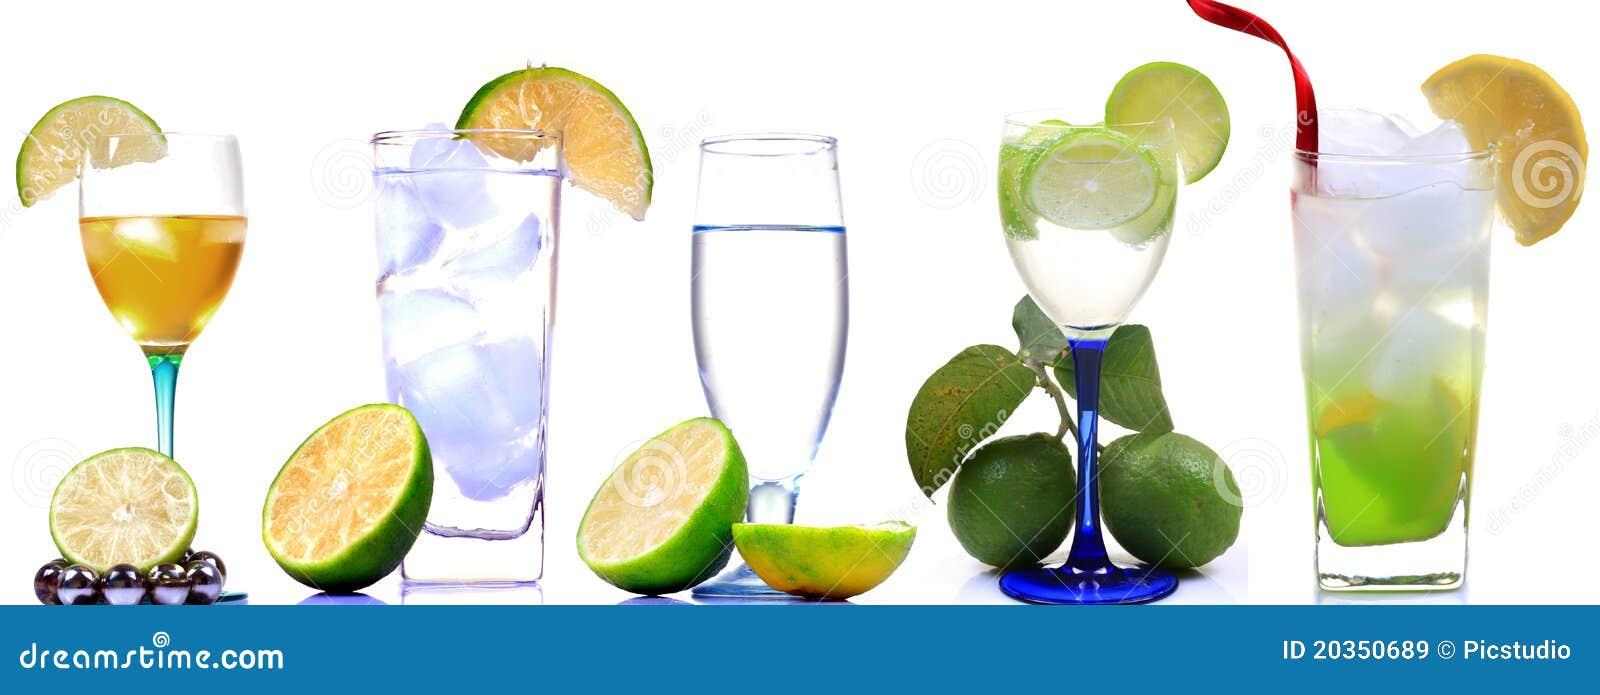 De dranken van de limonade